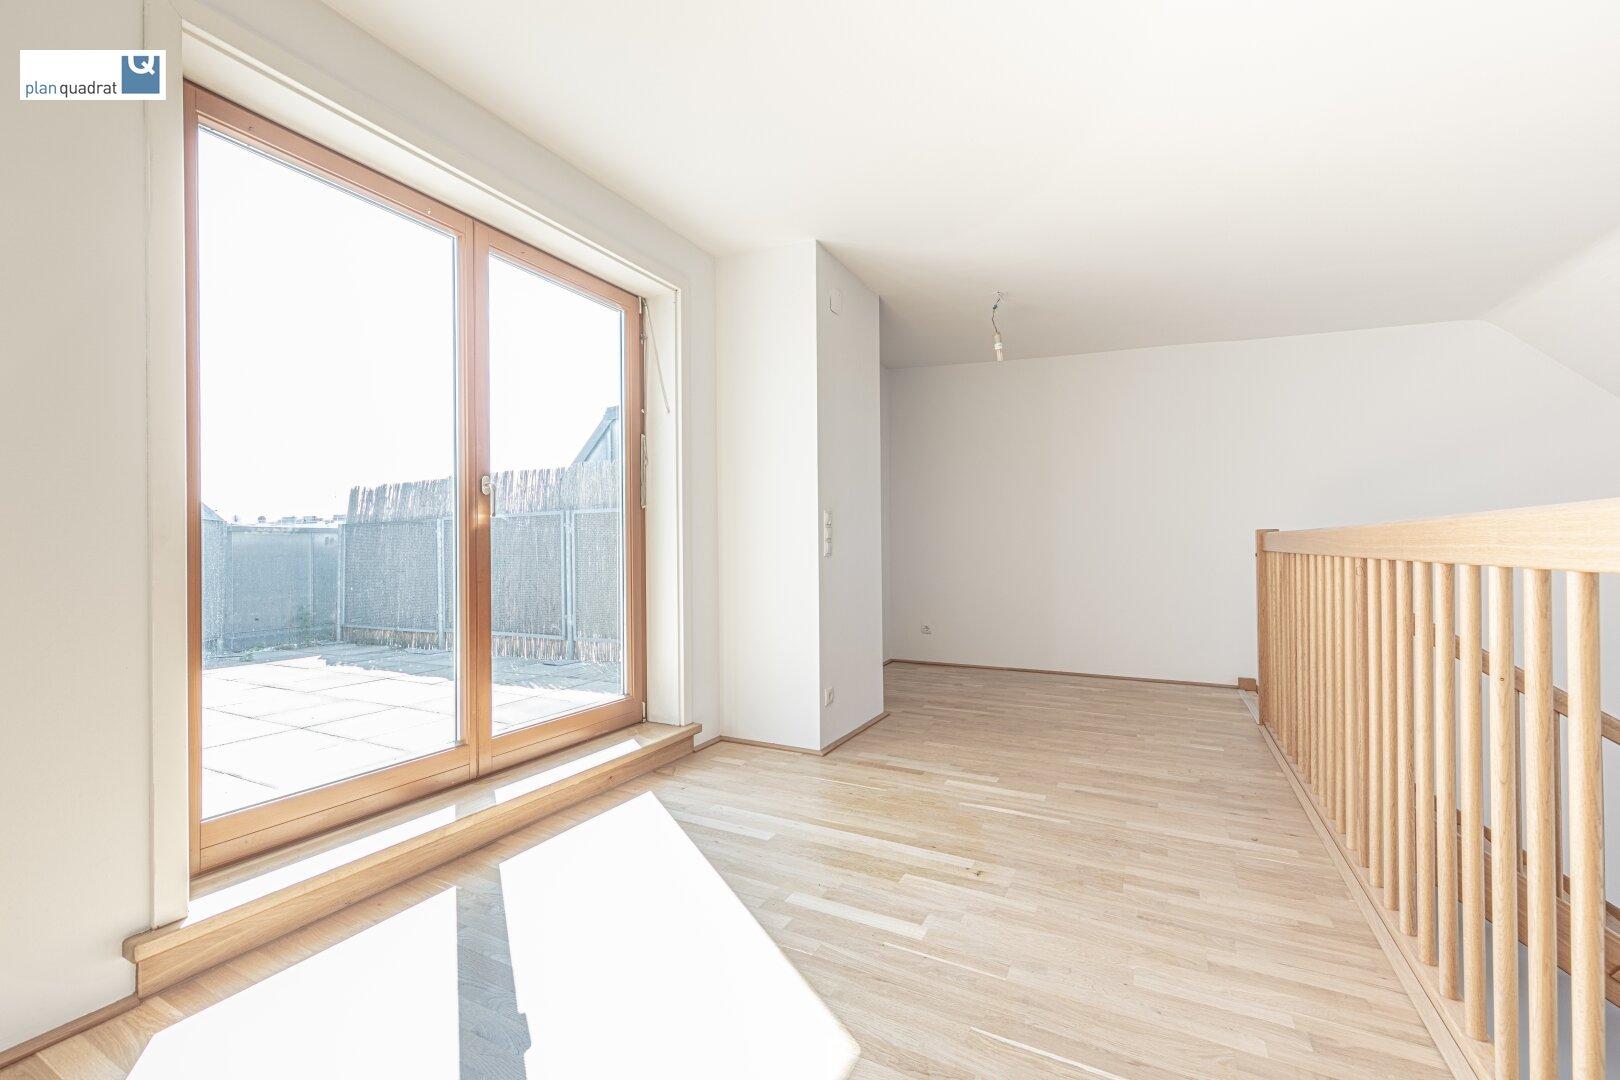 Galerie (ca. 14,70 m²) mit Ausgang zur Terrasse